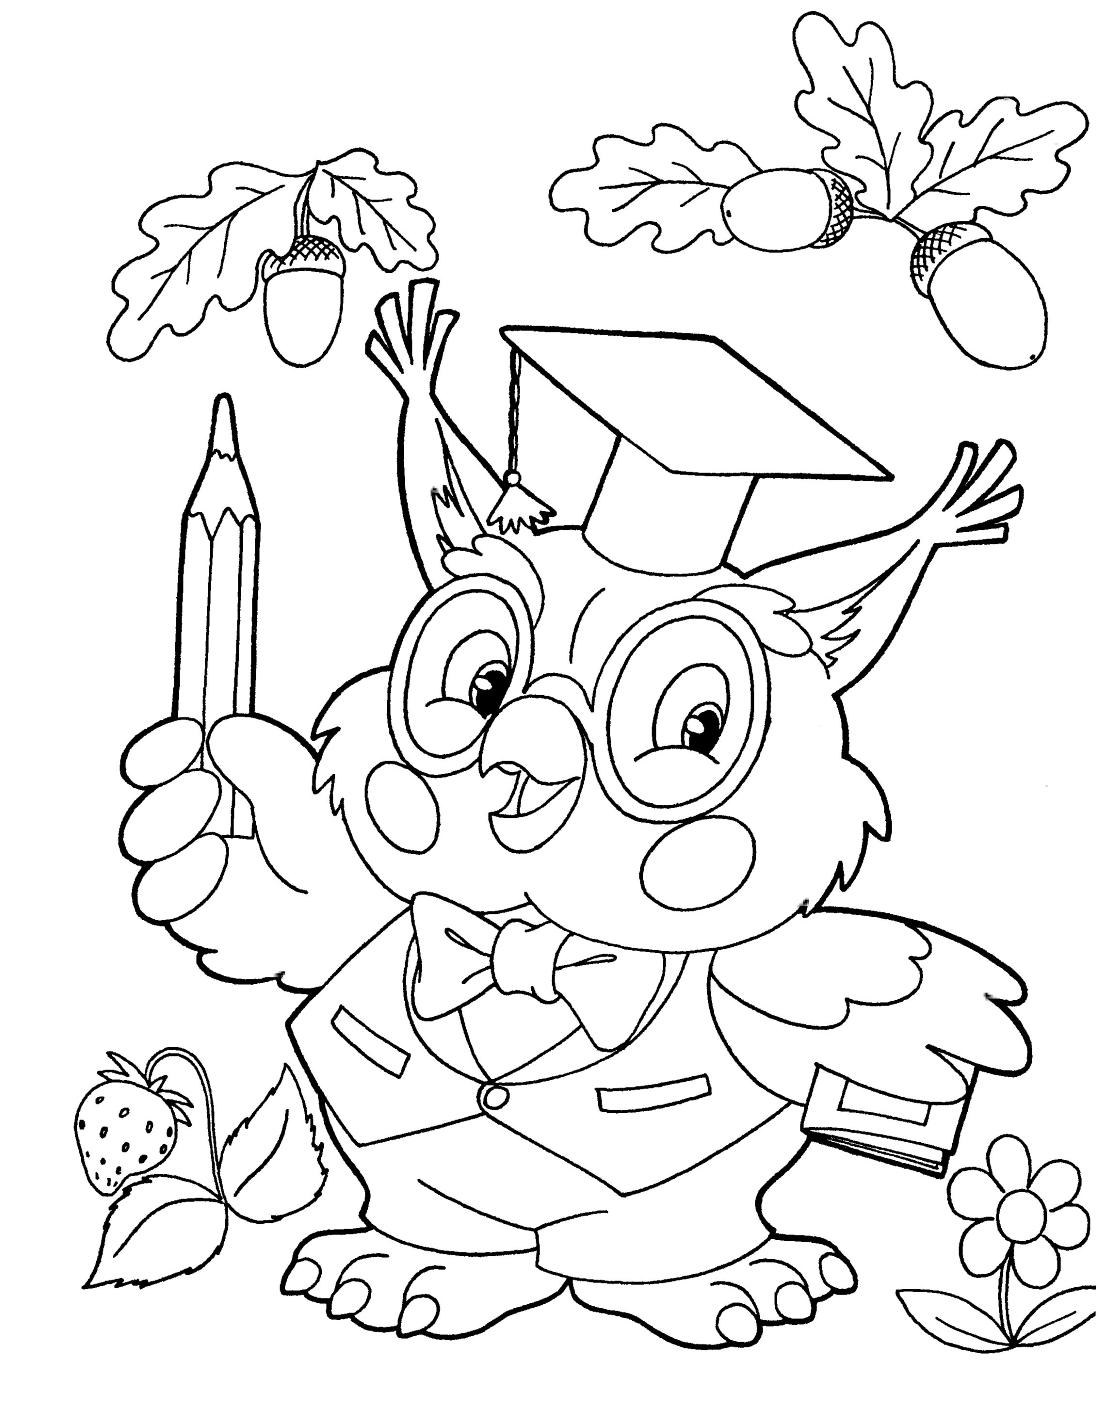 Умная сова с карандашами - раскраска №2232 | Printonic.ru